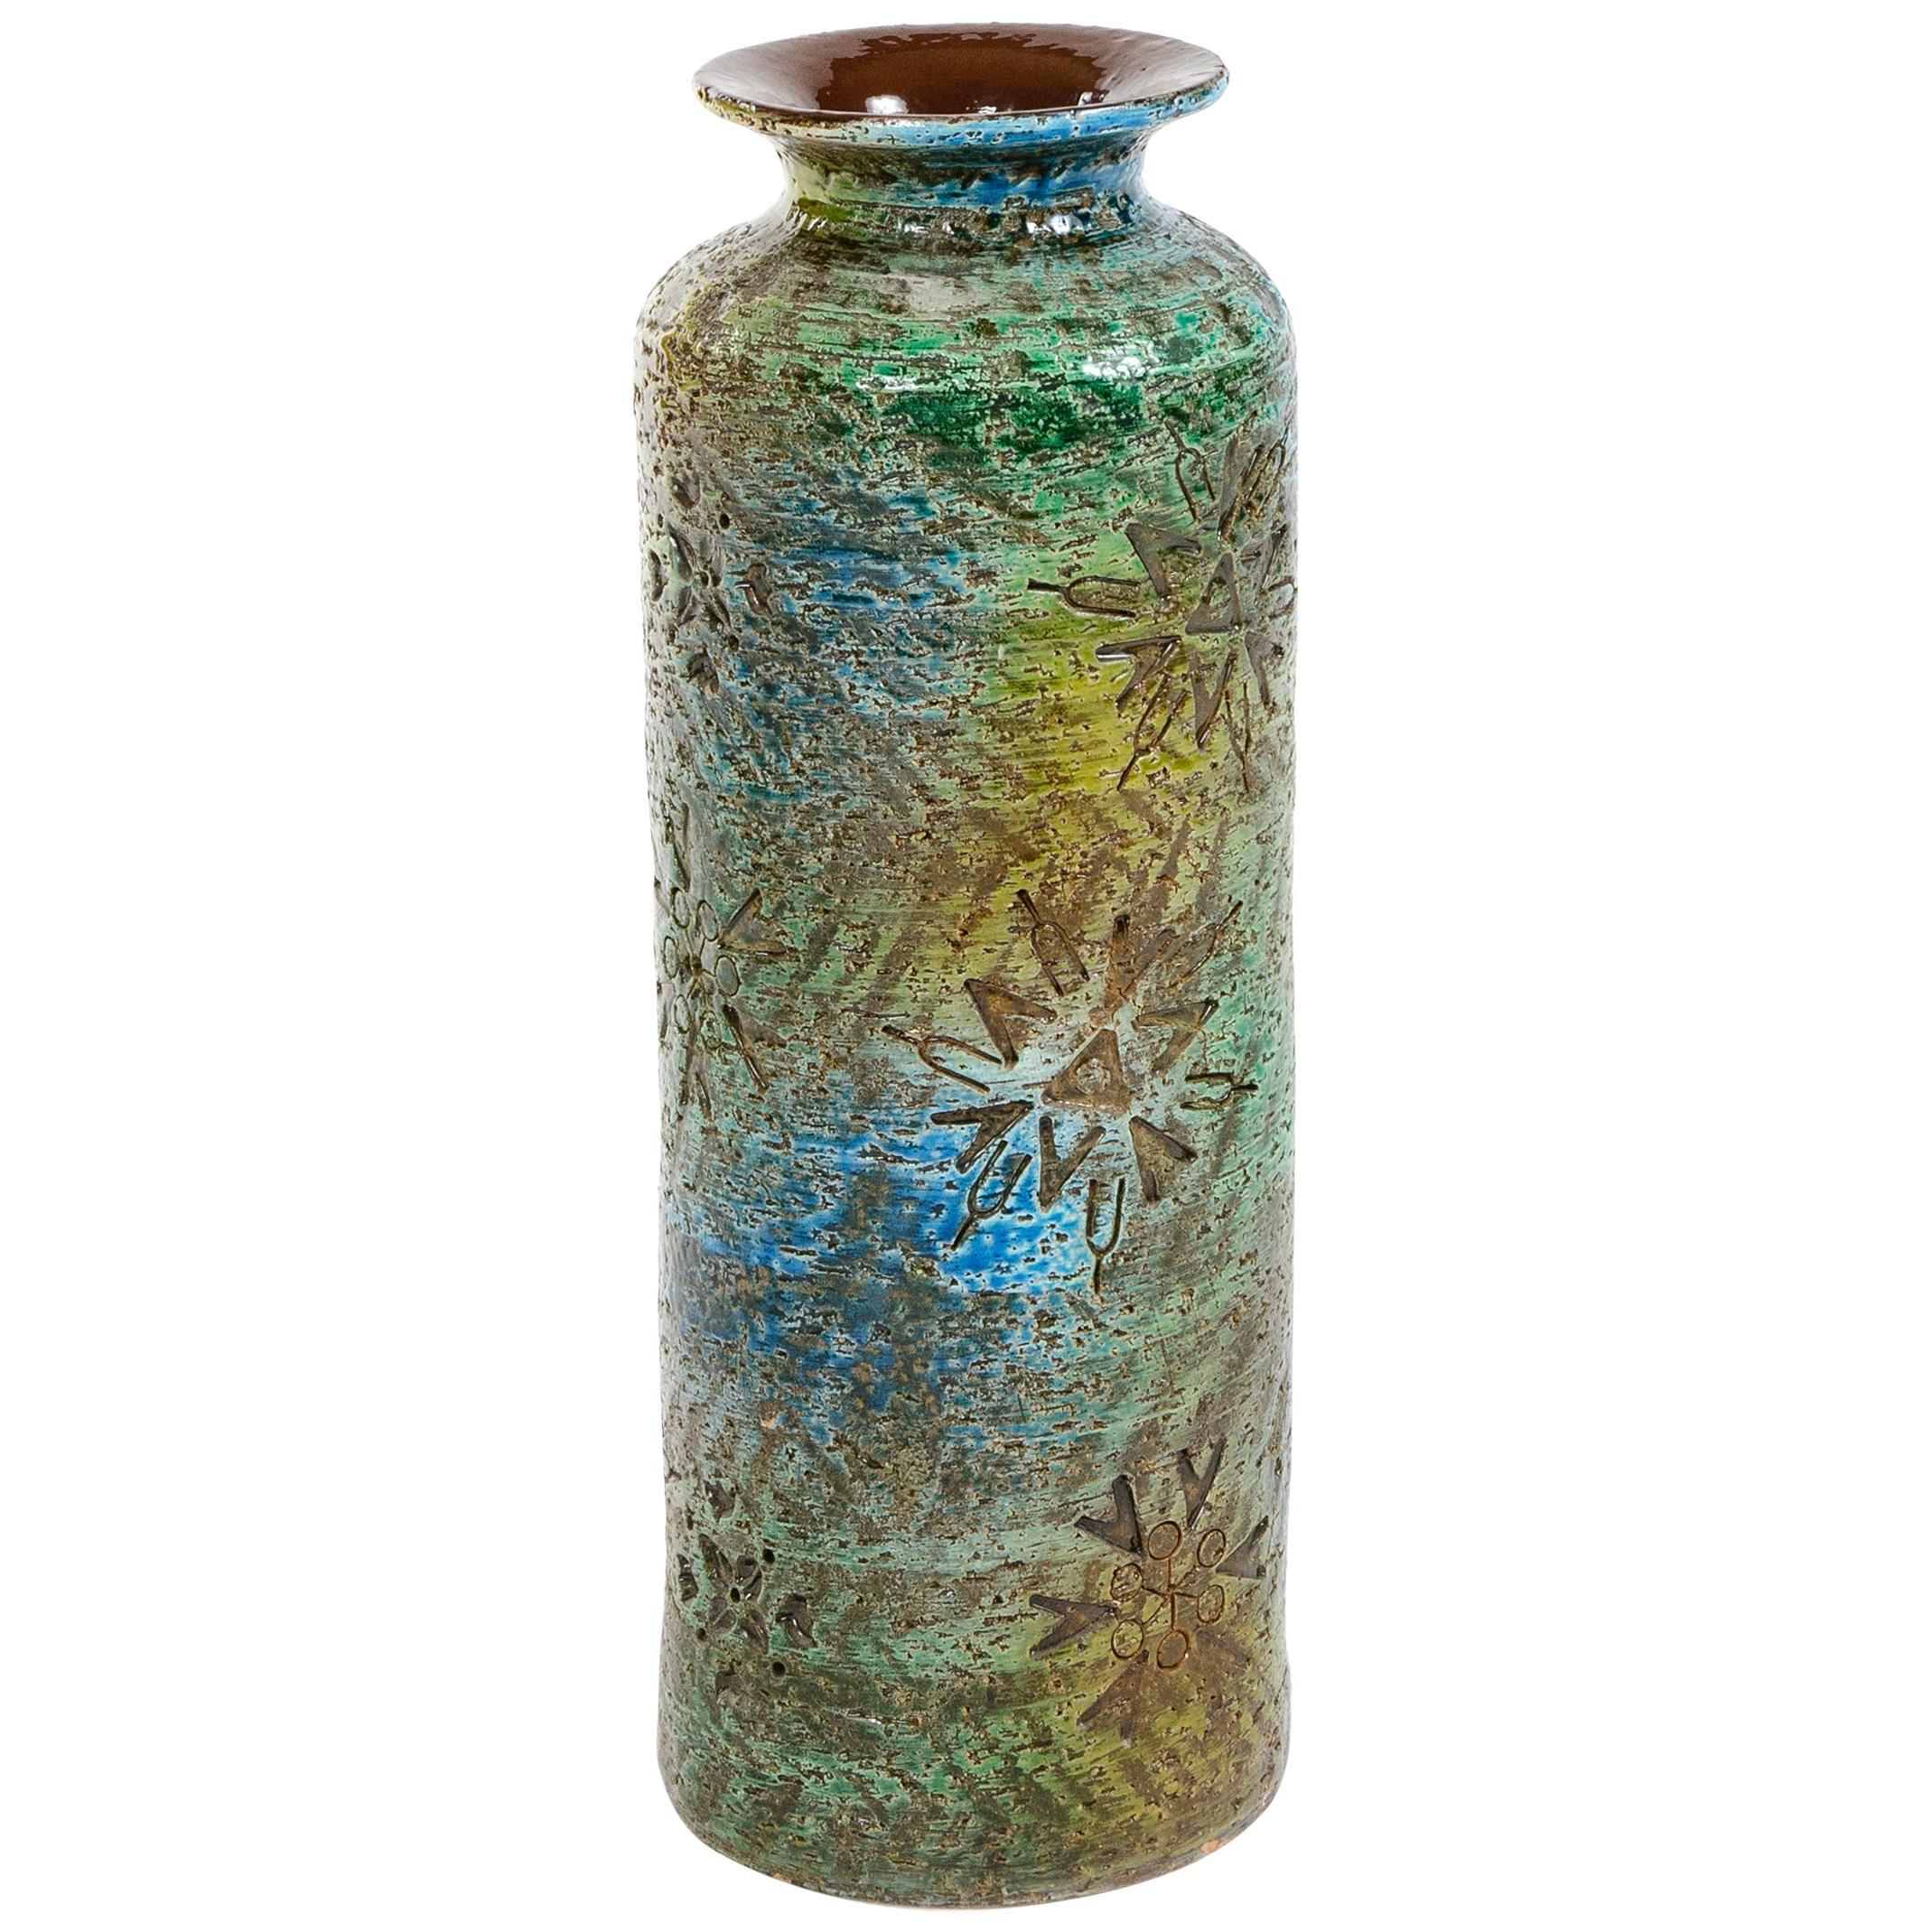 1960s Italian Ceramic Vase